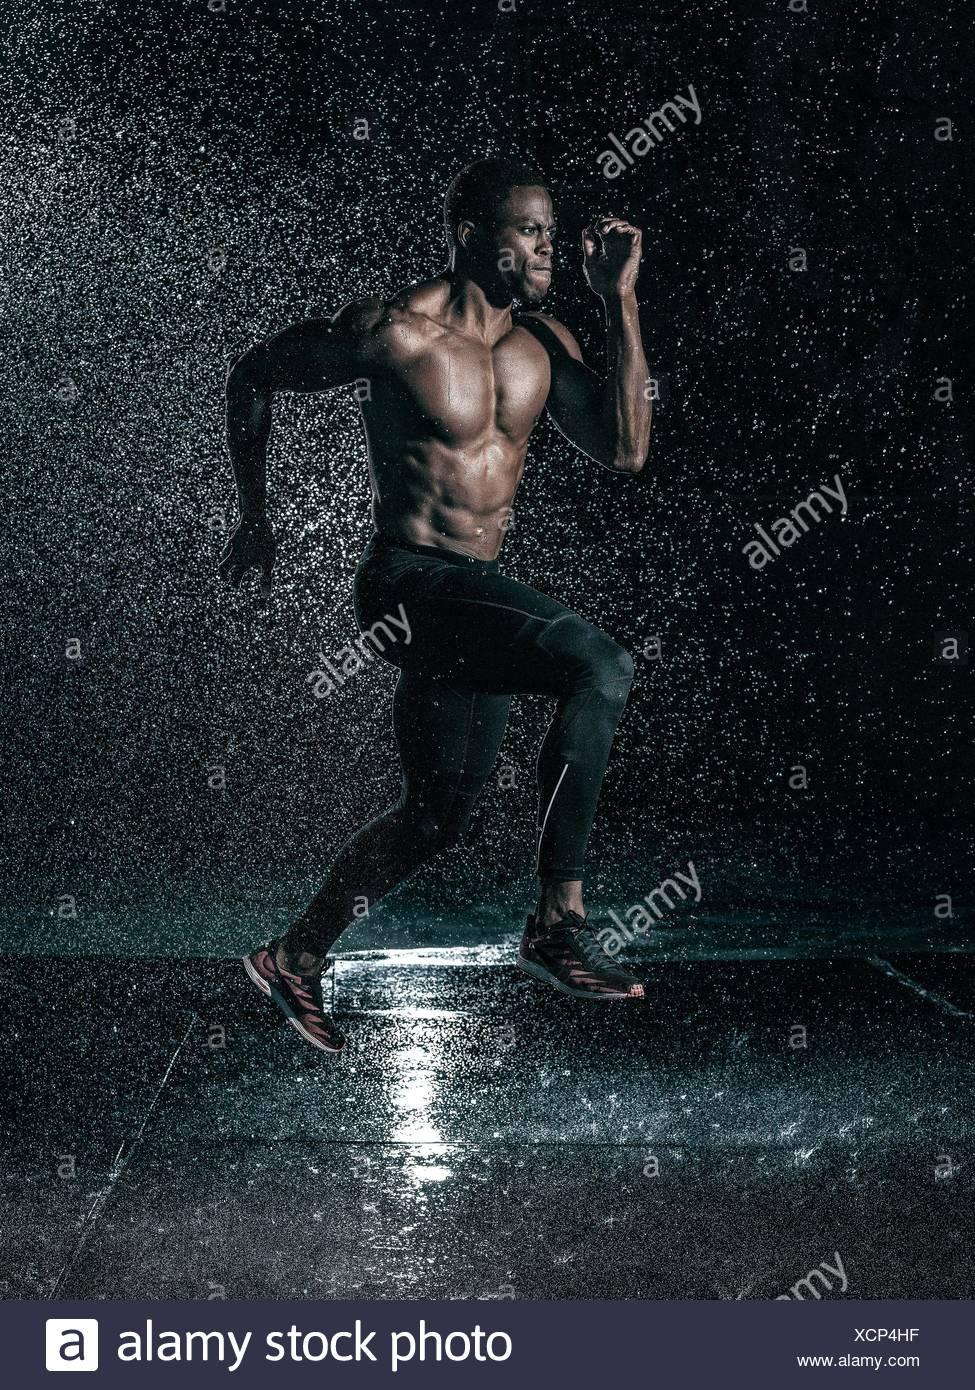 Metà uomo adulto, esterni in esecuzione in caso di pioggia Immagini Stock